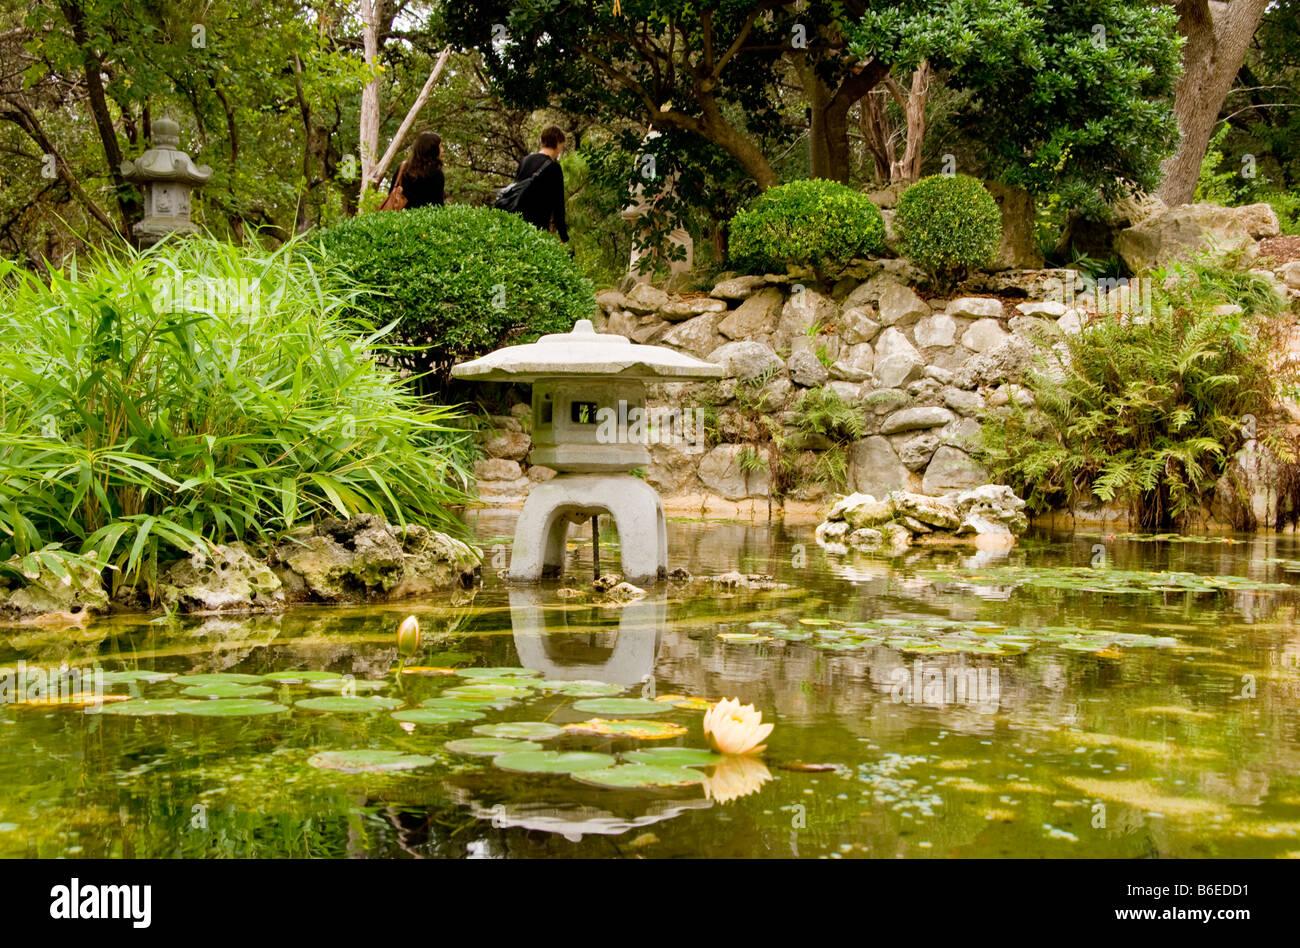 austins zilker park botanical gardens japanese koi pond - Japanese Koi Garden